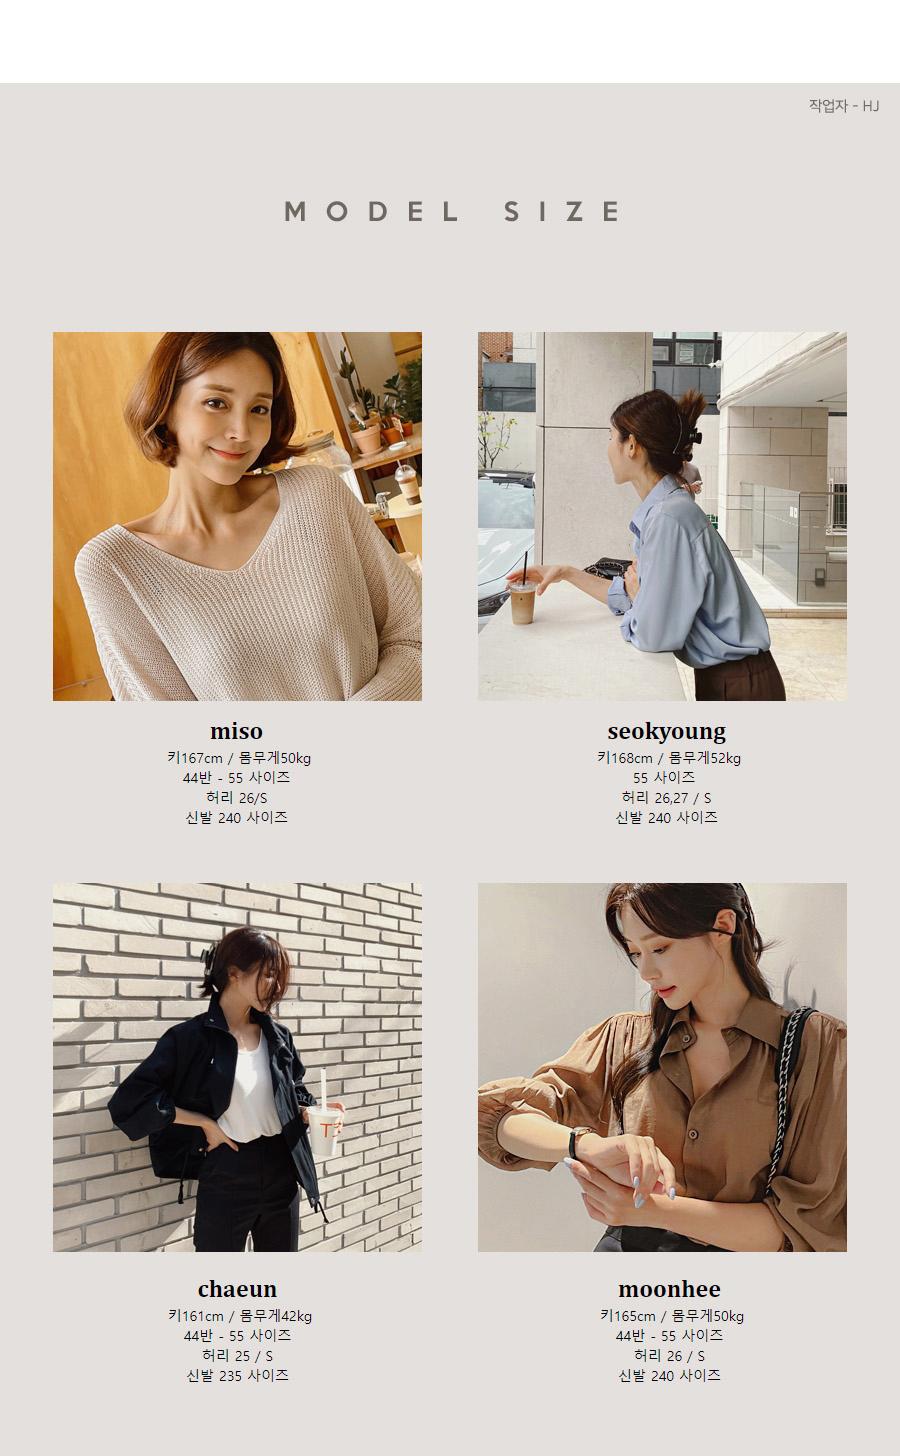 accessories model image-S3L4